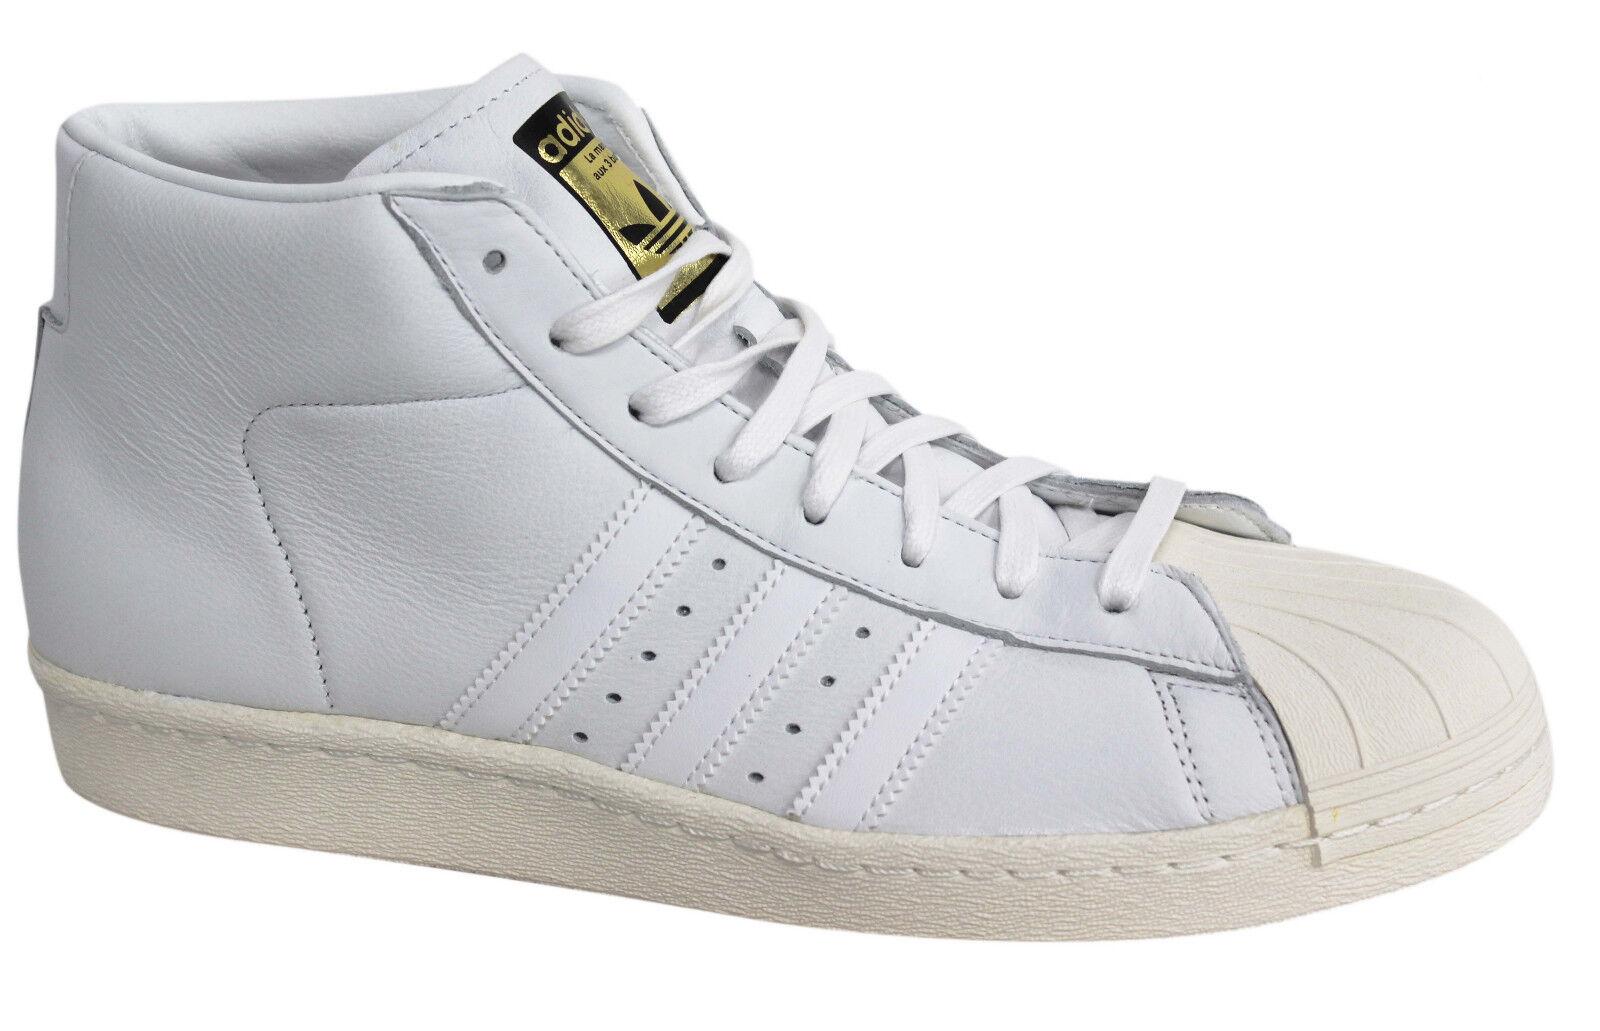 Détails sur Adidas Originals Pro Model Vintage DLX Lacets en Cuir Blanc Baskets S75031 M8 afficher le titre d'origine